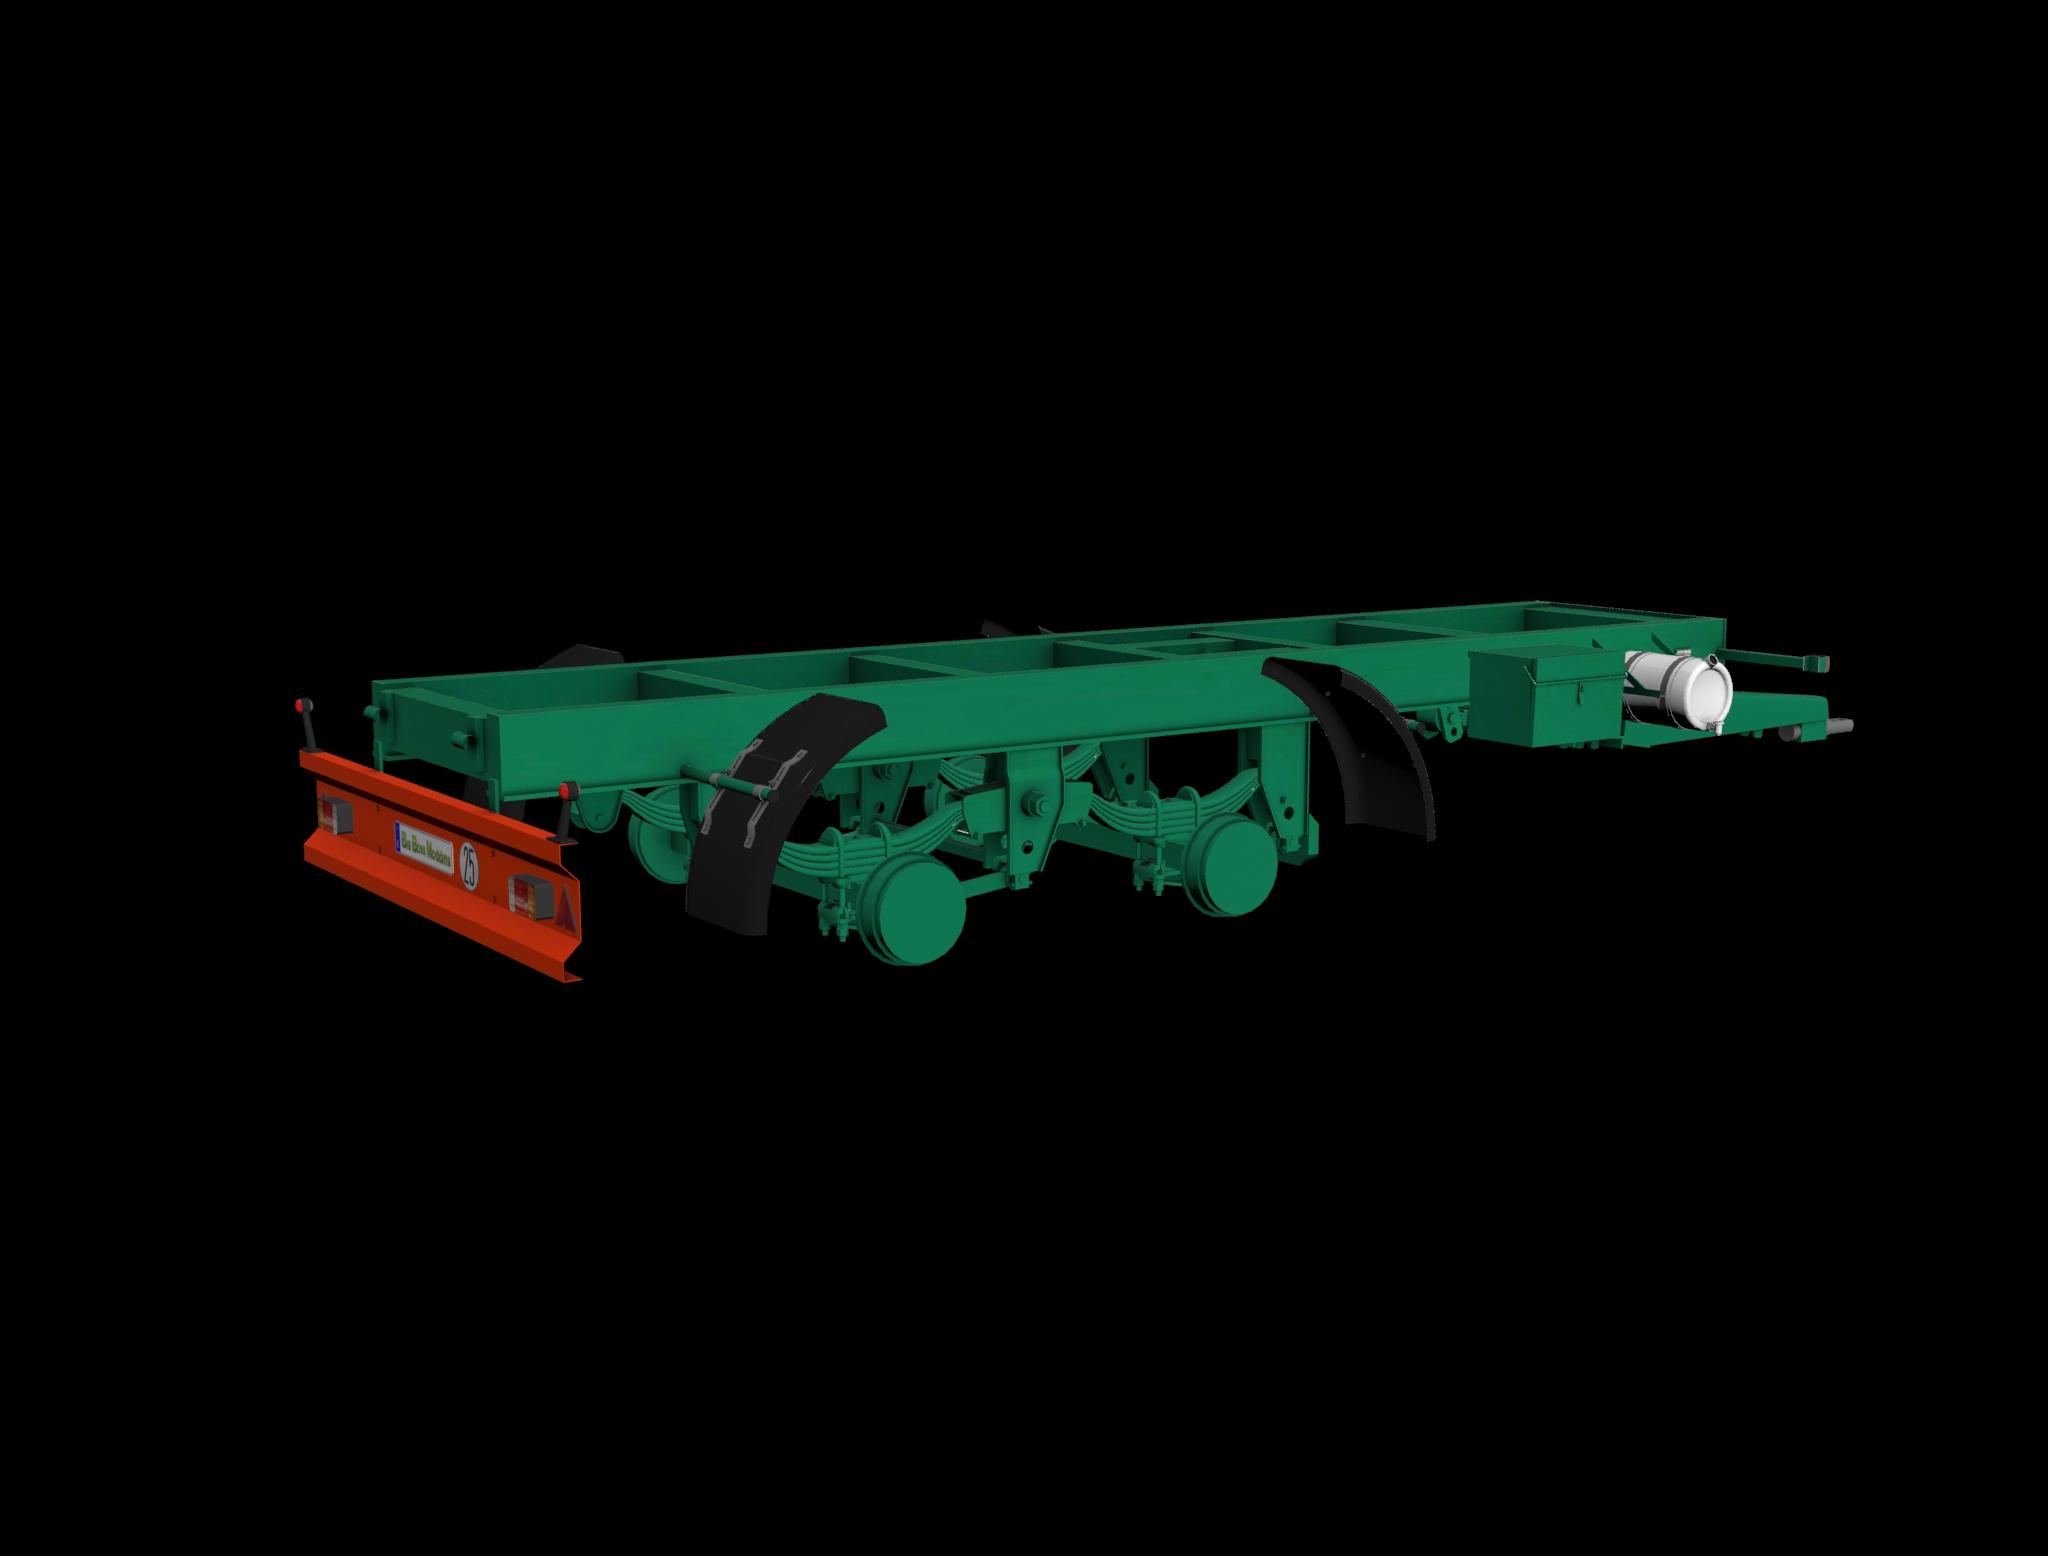 [Encuesta][T.E.P.] Proyecto Aguas Tenias (22 modelos + 1 Camión) [Terminado 21-4-2014]. - Página 3 1tlslf